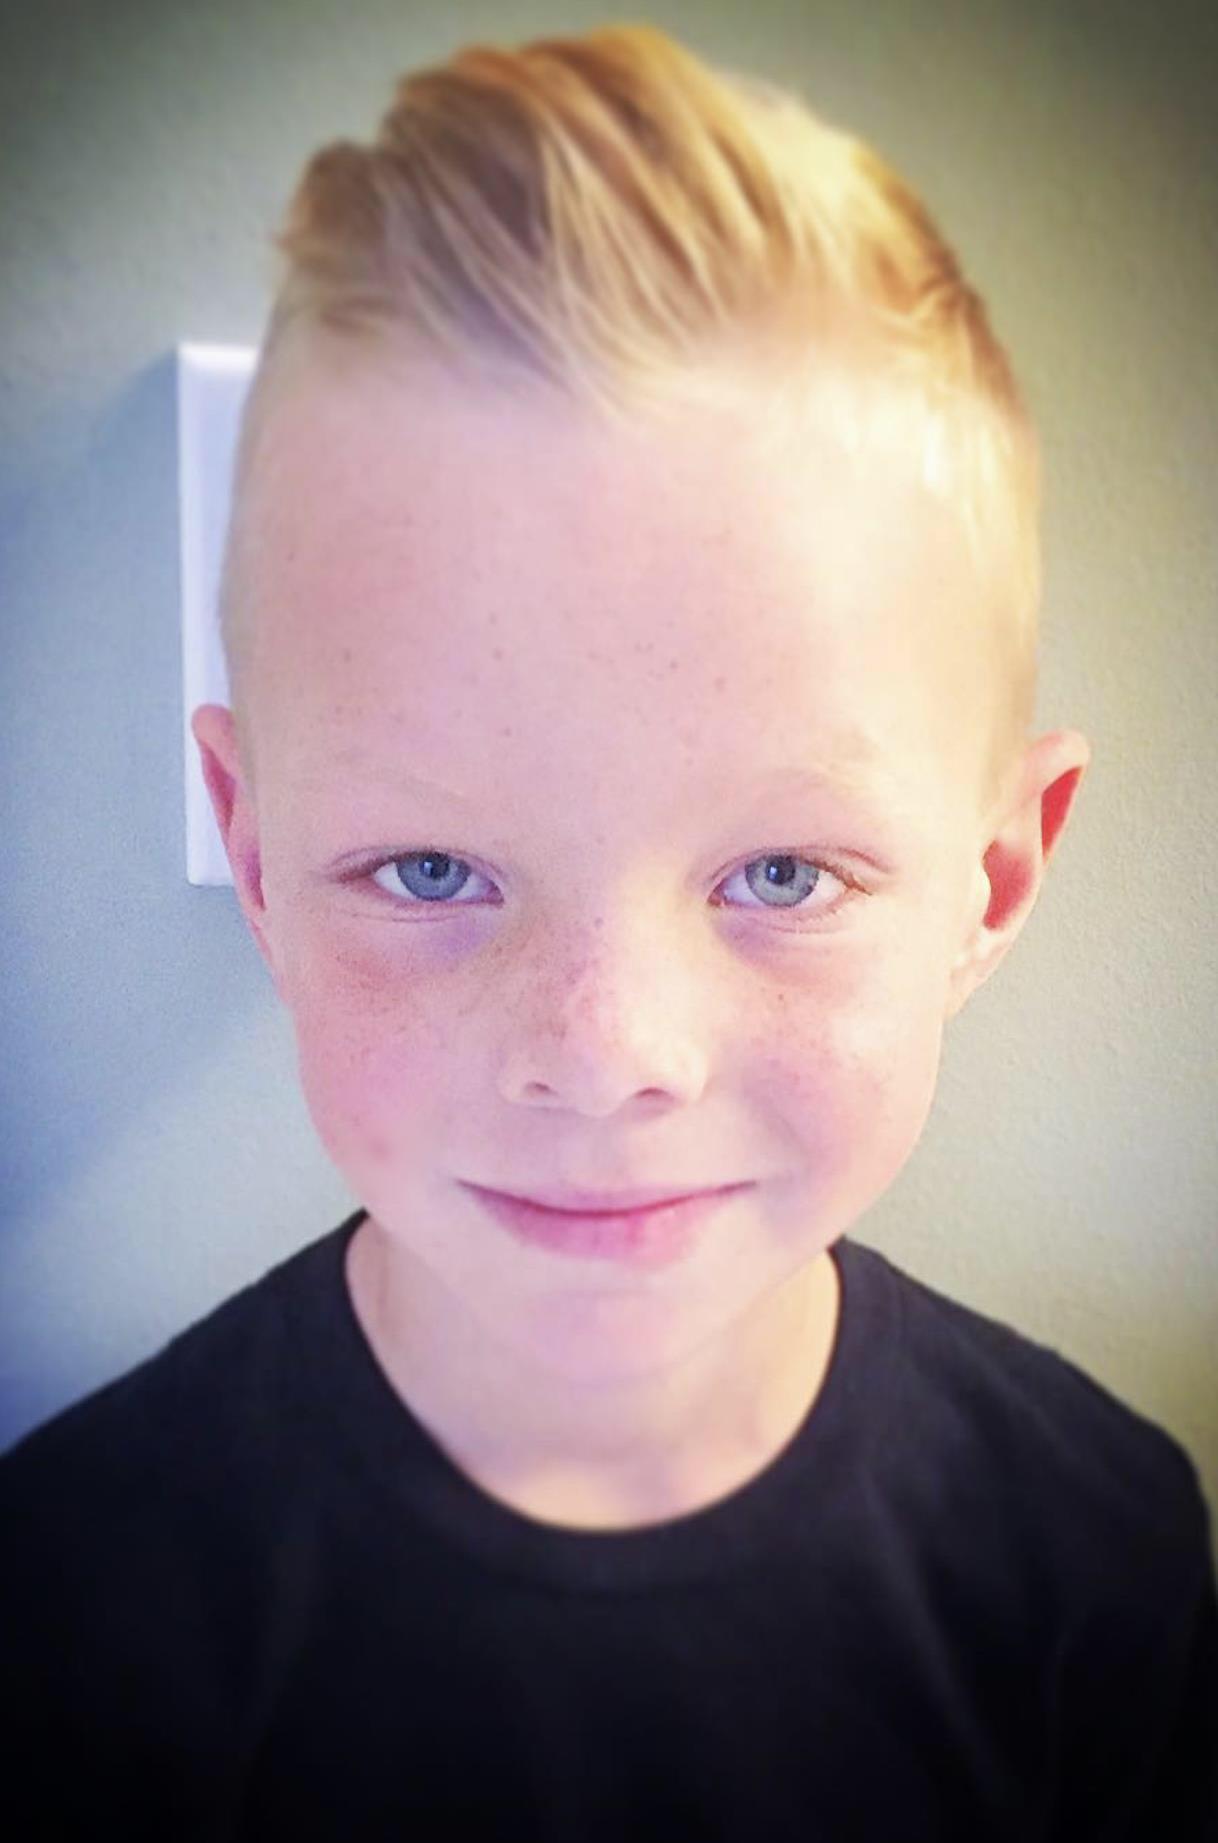 child (boy) haircut 9-12 $16 hair cut on 9 year old   hair